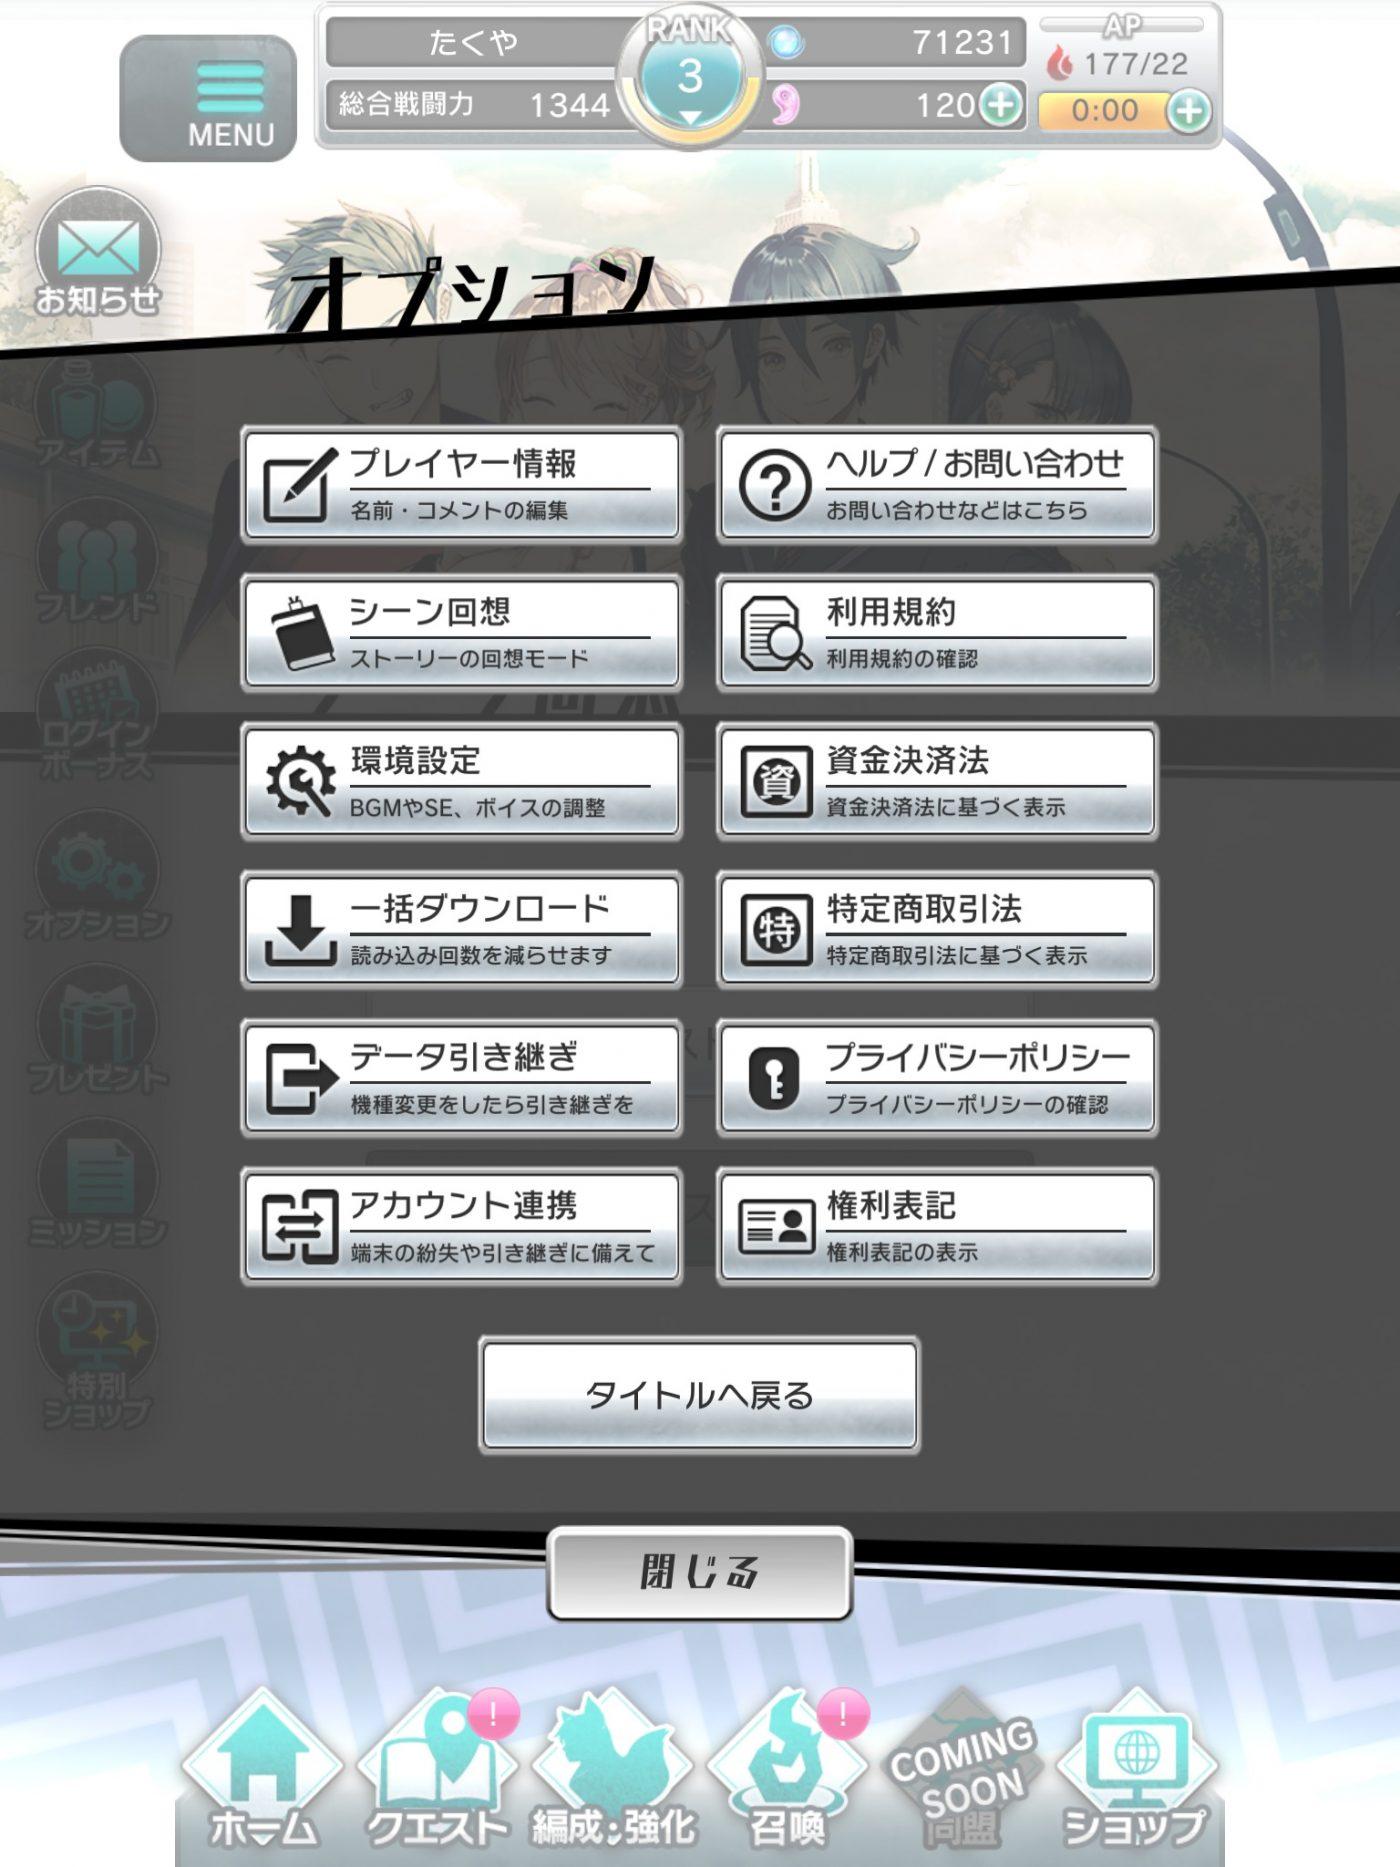 オプション設定画面